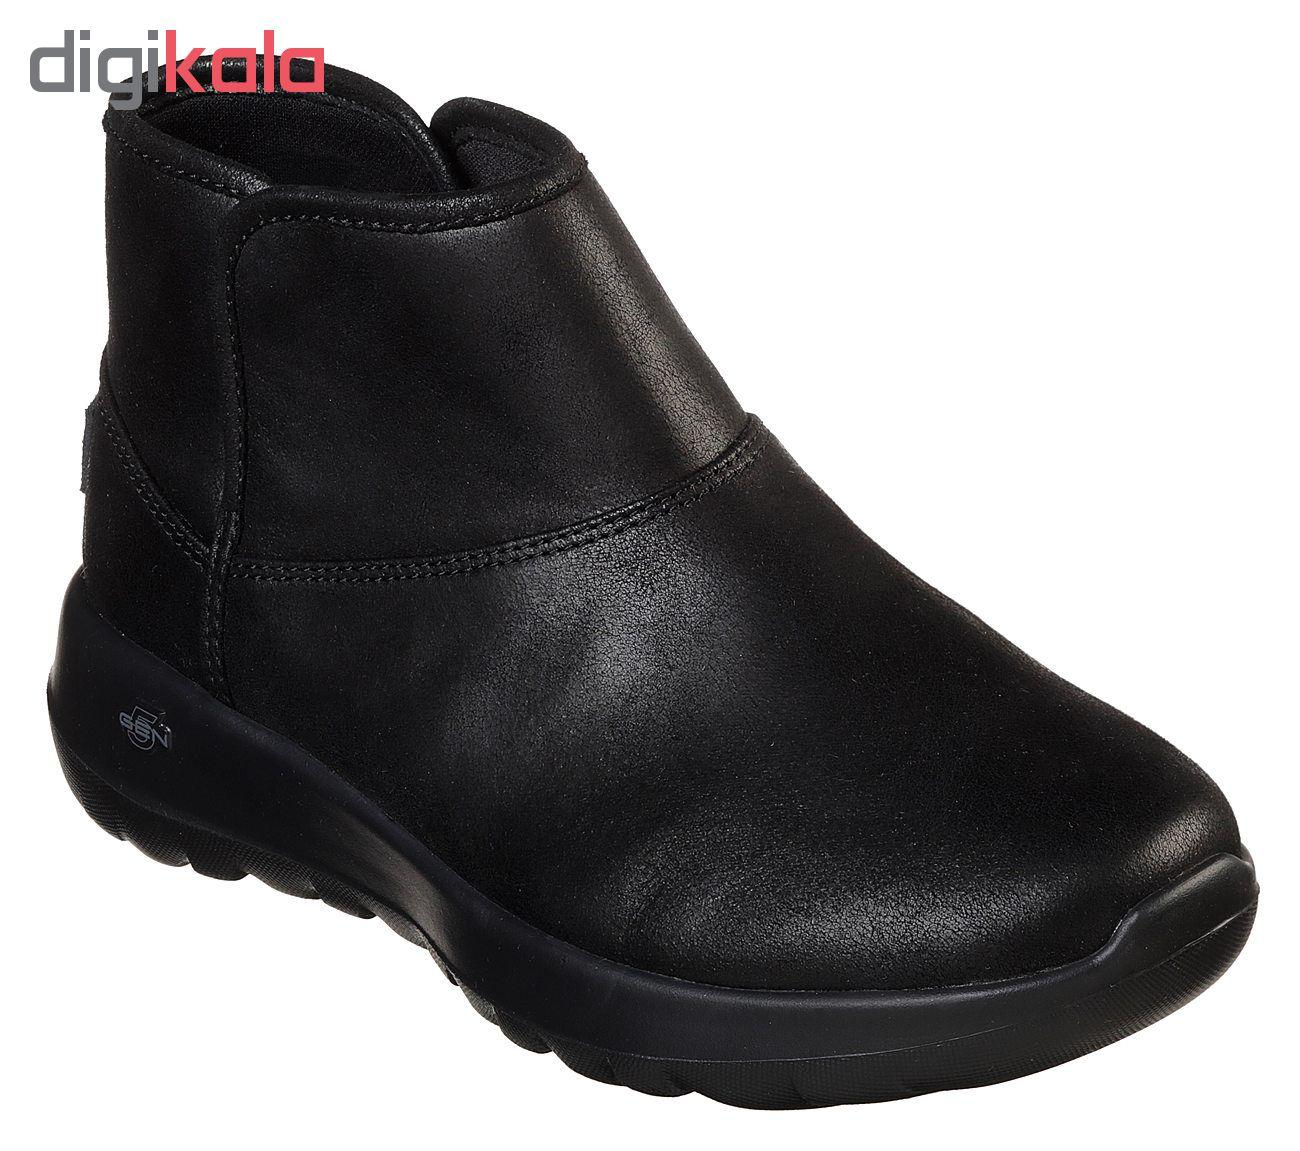 کفش مخصوص پیاده روی زنانه اسکچرز مدل 15504BBK